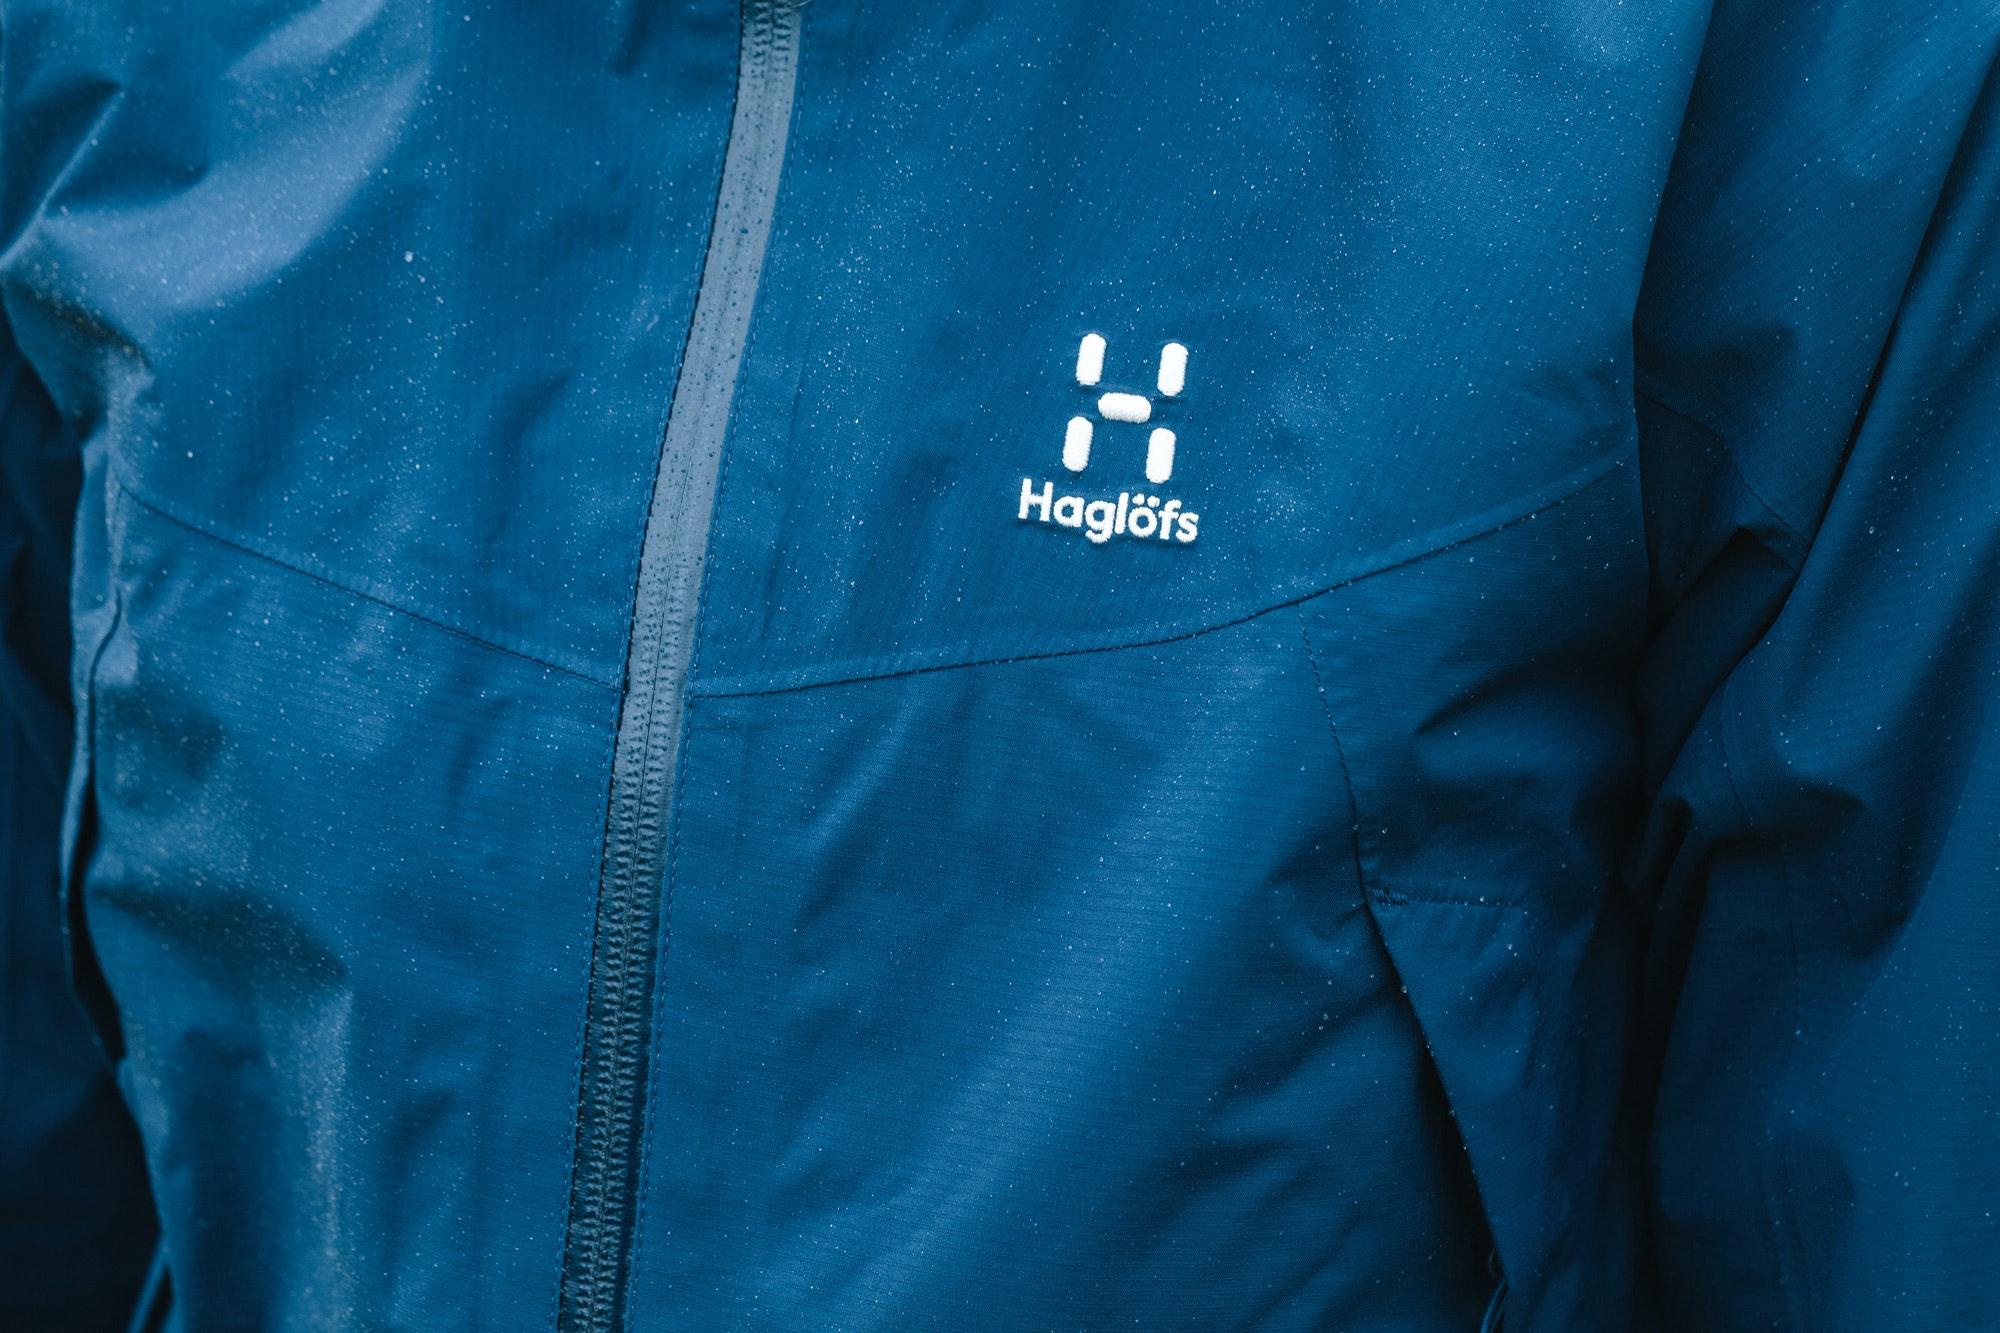 Haglöfs Virgo Jacket | Review - Mpora